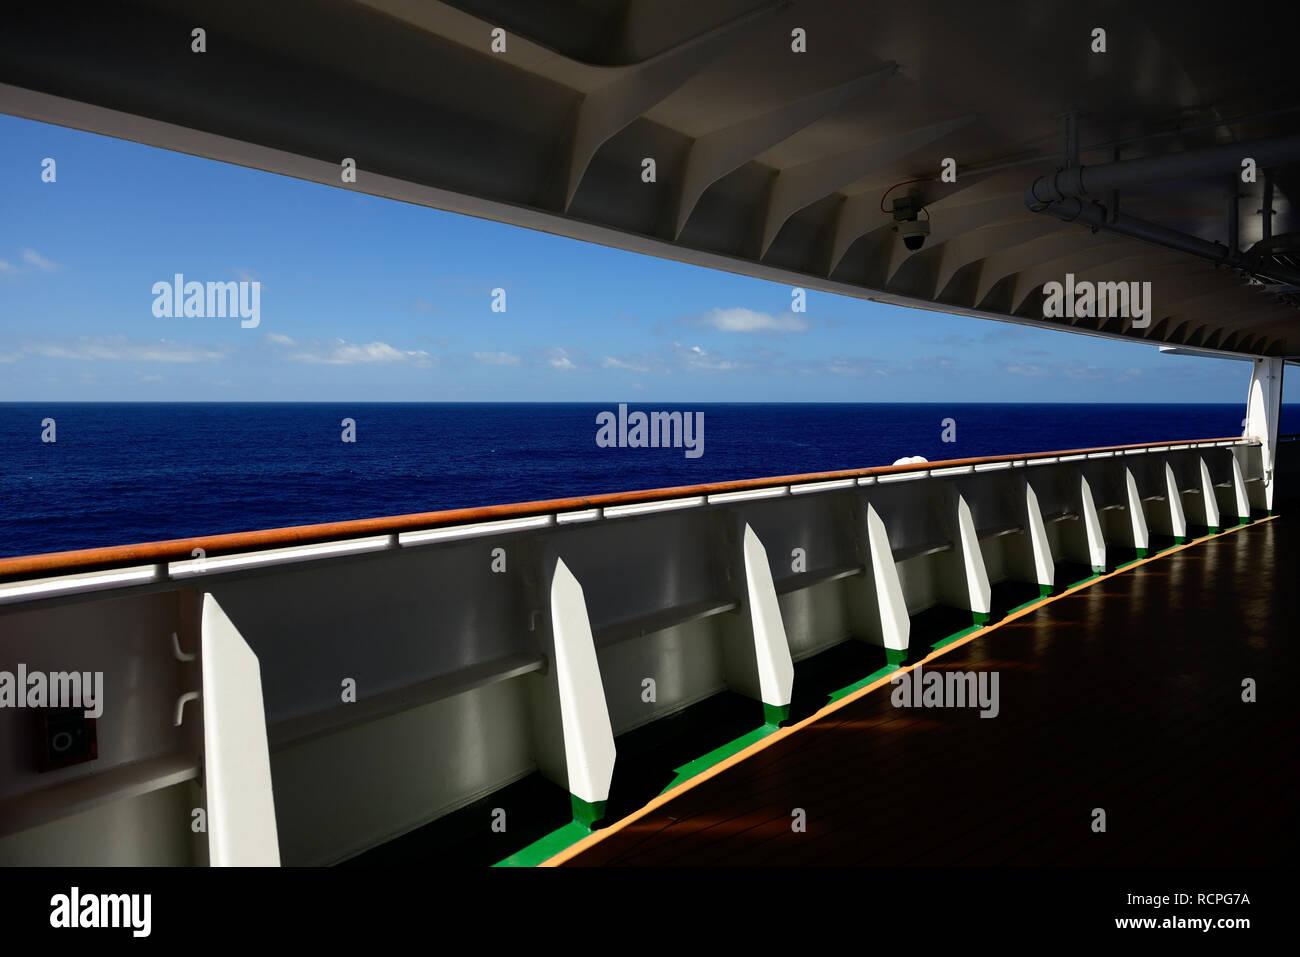 Il lungomare di avanzamento ponte di una nave da crociera al mare. Immagini Stock